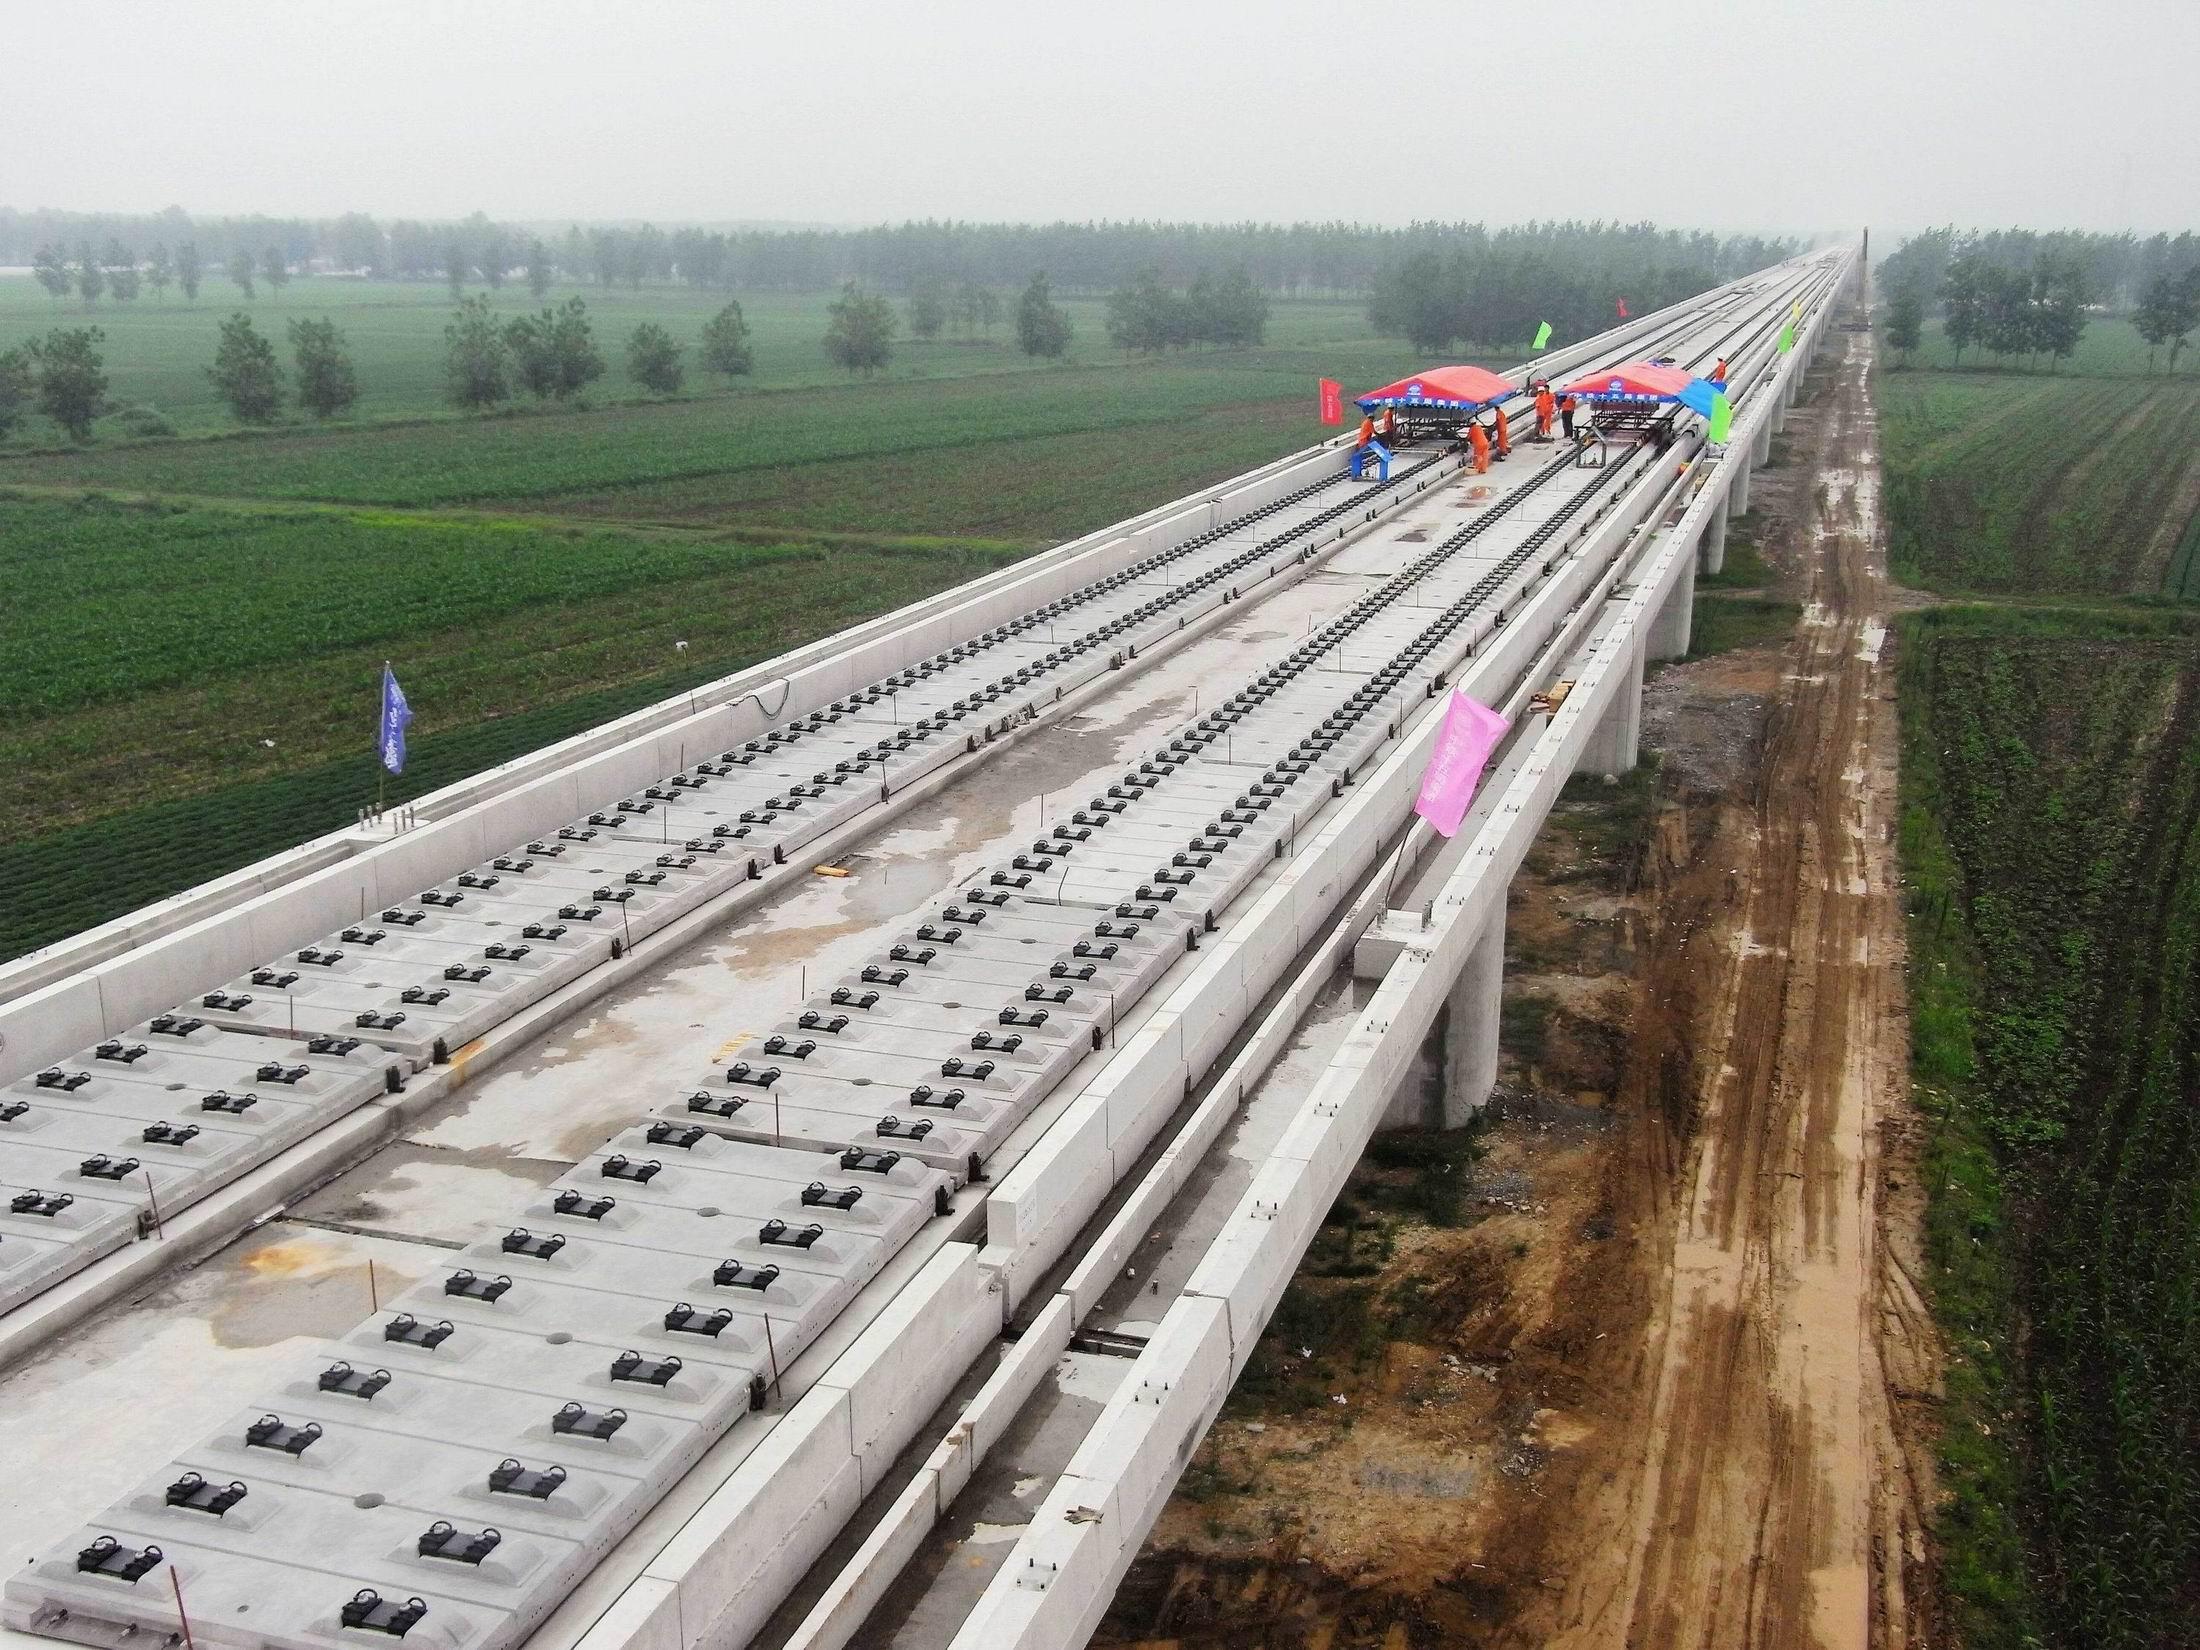 Sneak Peek at the New Urumqi High Speed Rail Station